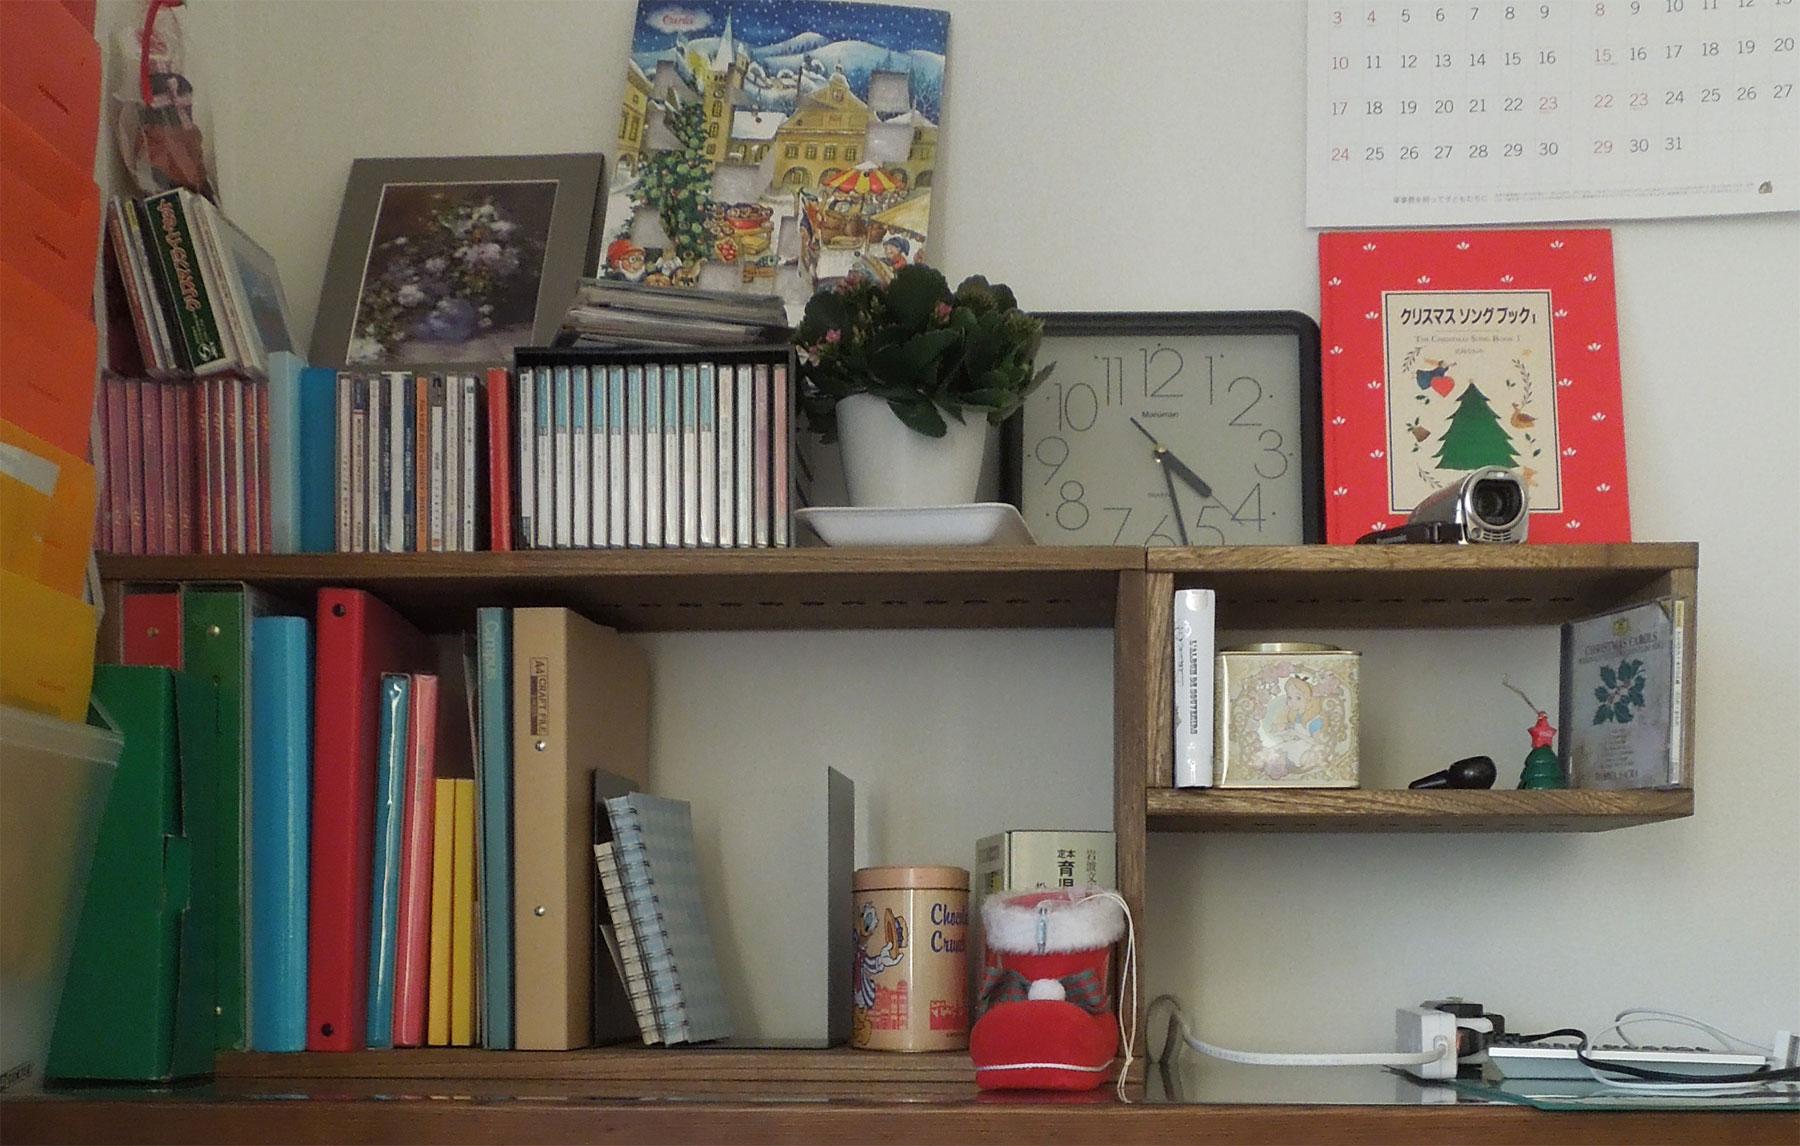 【机上整理】 子どもの手の届かないように机の上の整理用として購入しました クリスマス前に間に合わせていただき、温かい雰囲気で過ごせました【子供部屋 無垢 木製 収納 ラック キューブ カラーボックス 本棚 絵本 おもちゃ 収納 図鑑 大型本】